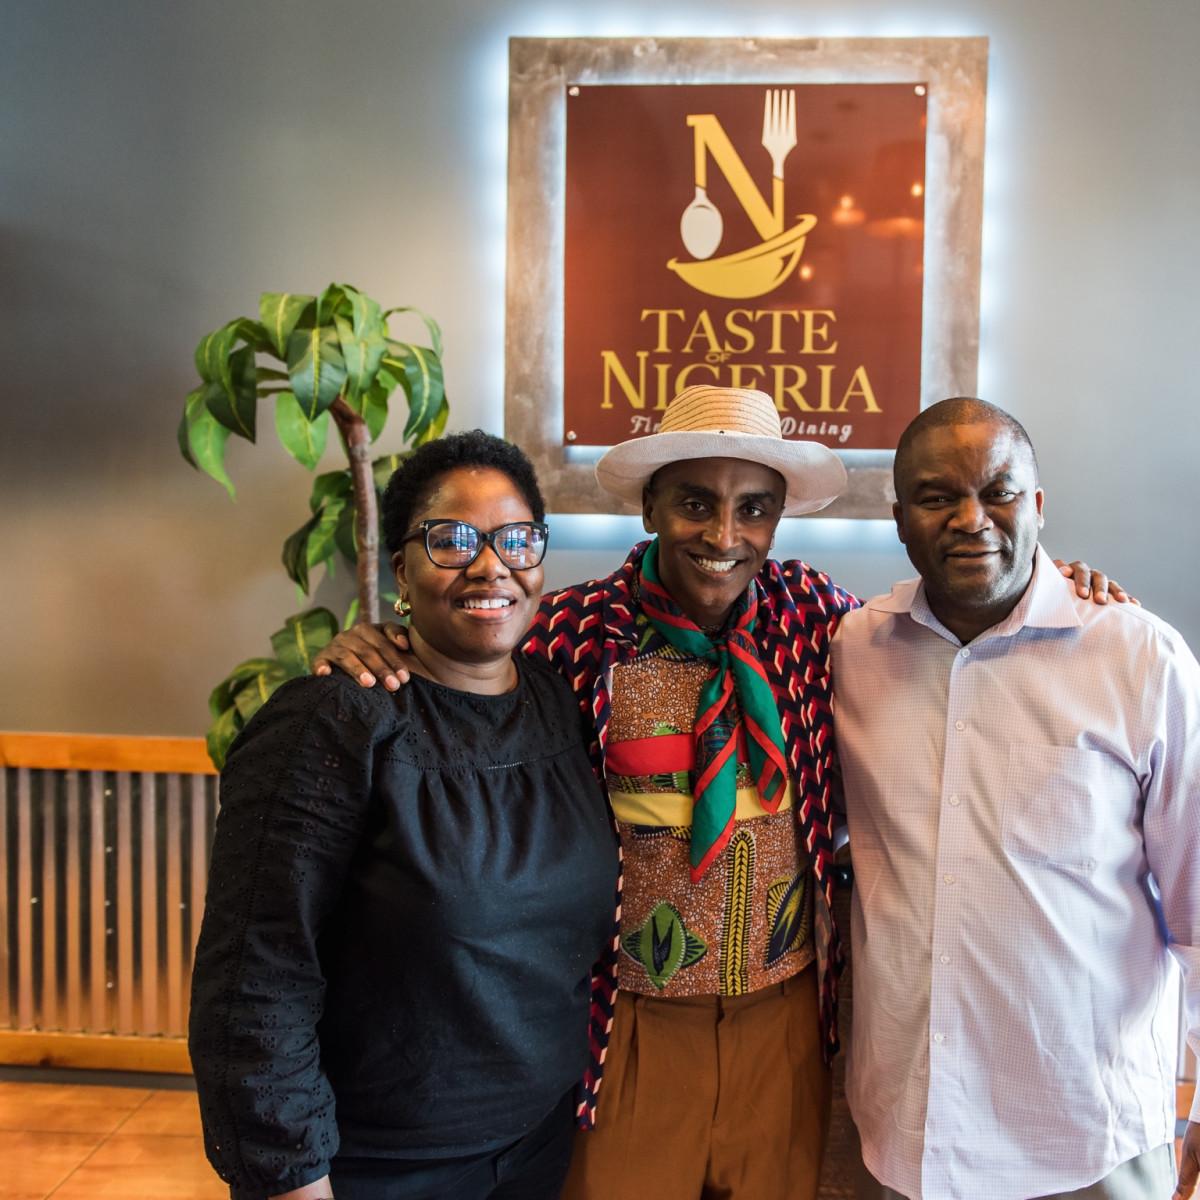 No Passport Required Taste of Nigeria Tiffaney Odewale, Chef Marcus Samuelsson and Rasak Odewale